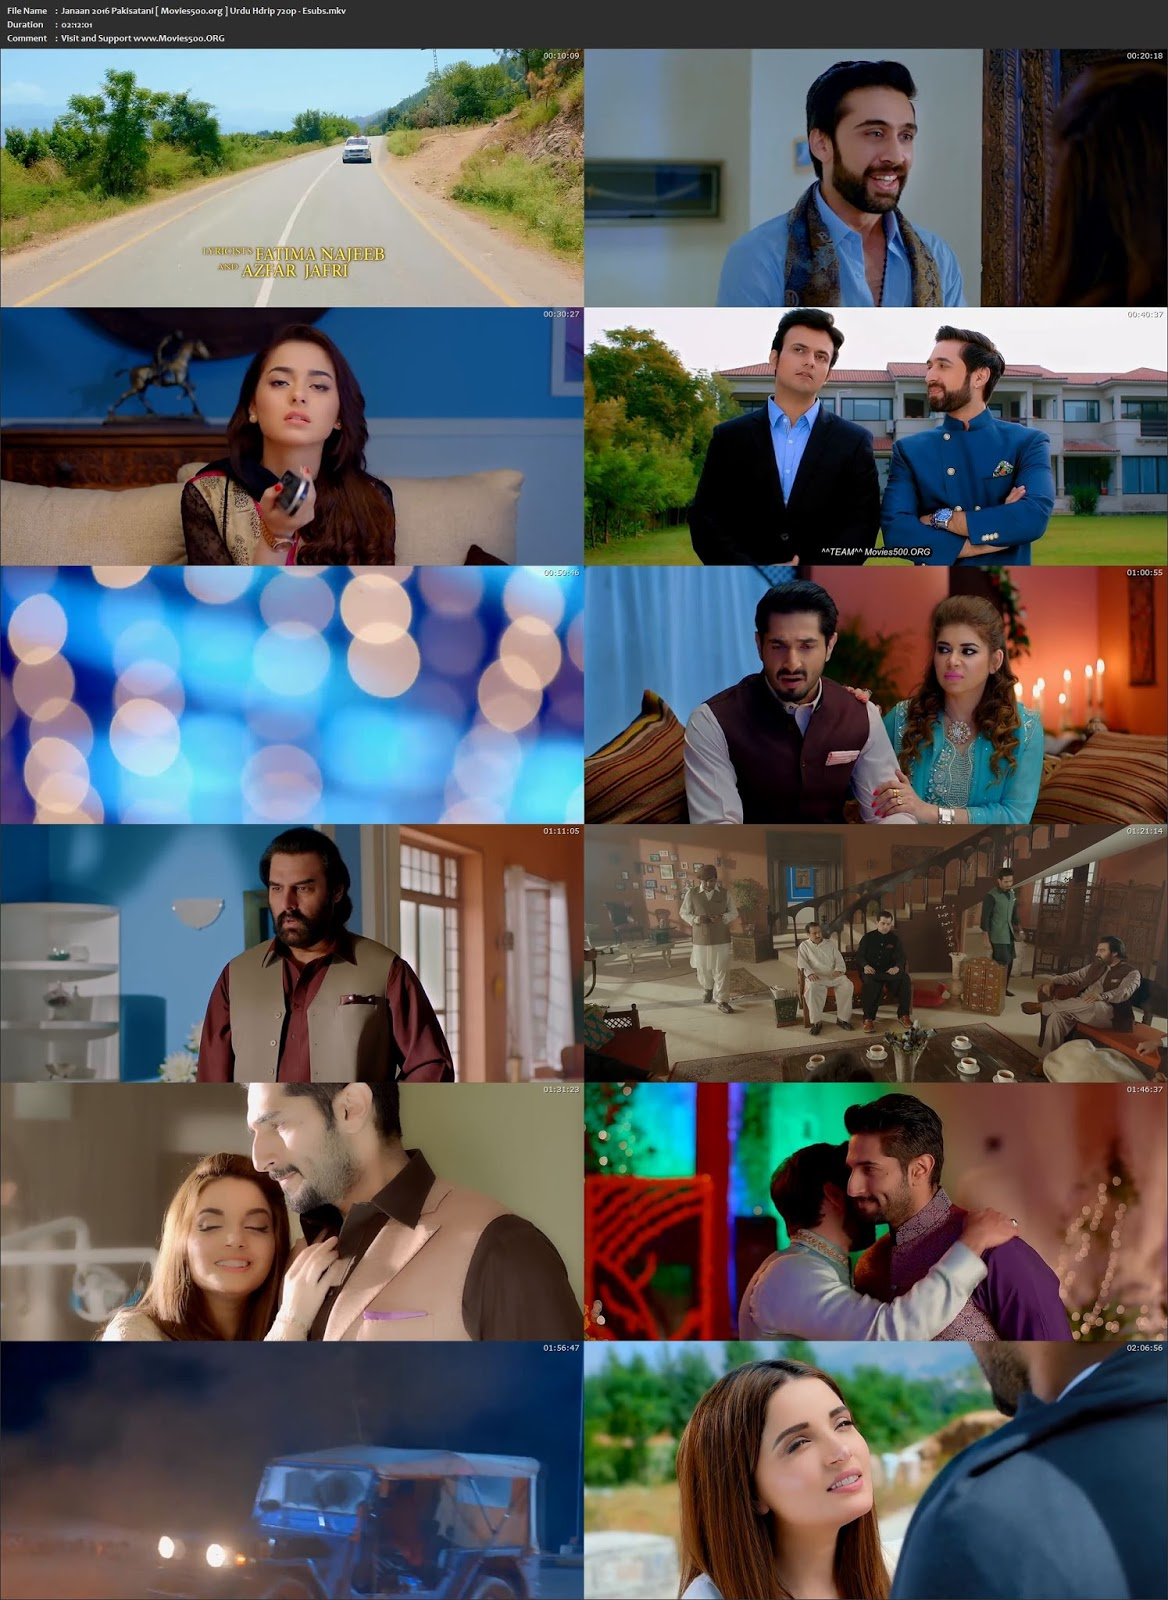 Janaan 2016 Full Movie 370MB Urdu HDRip 480p Esubs at movies500.site